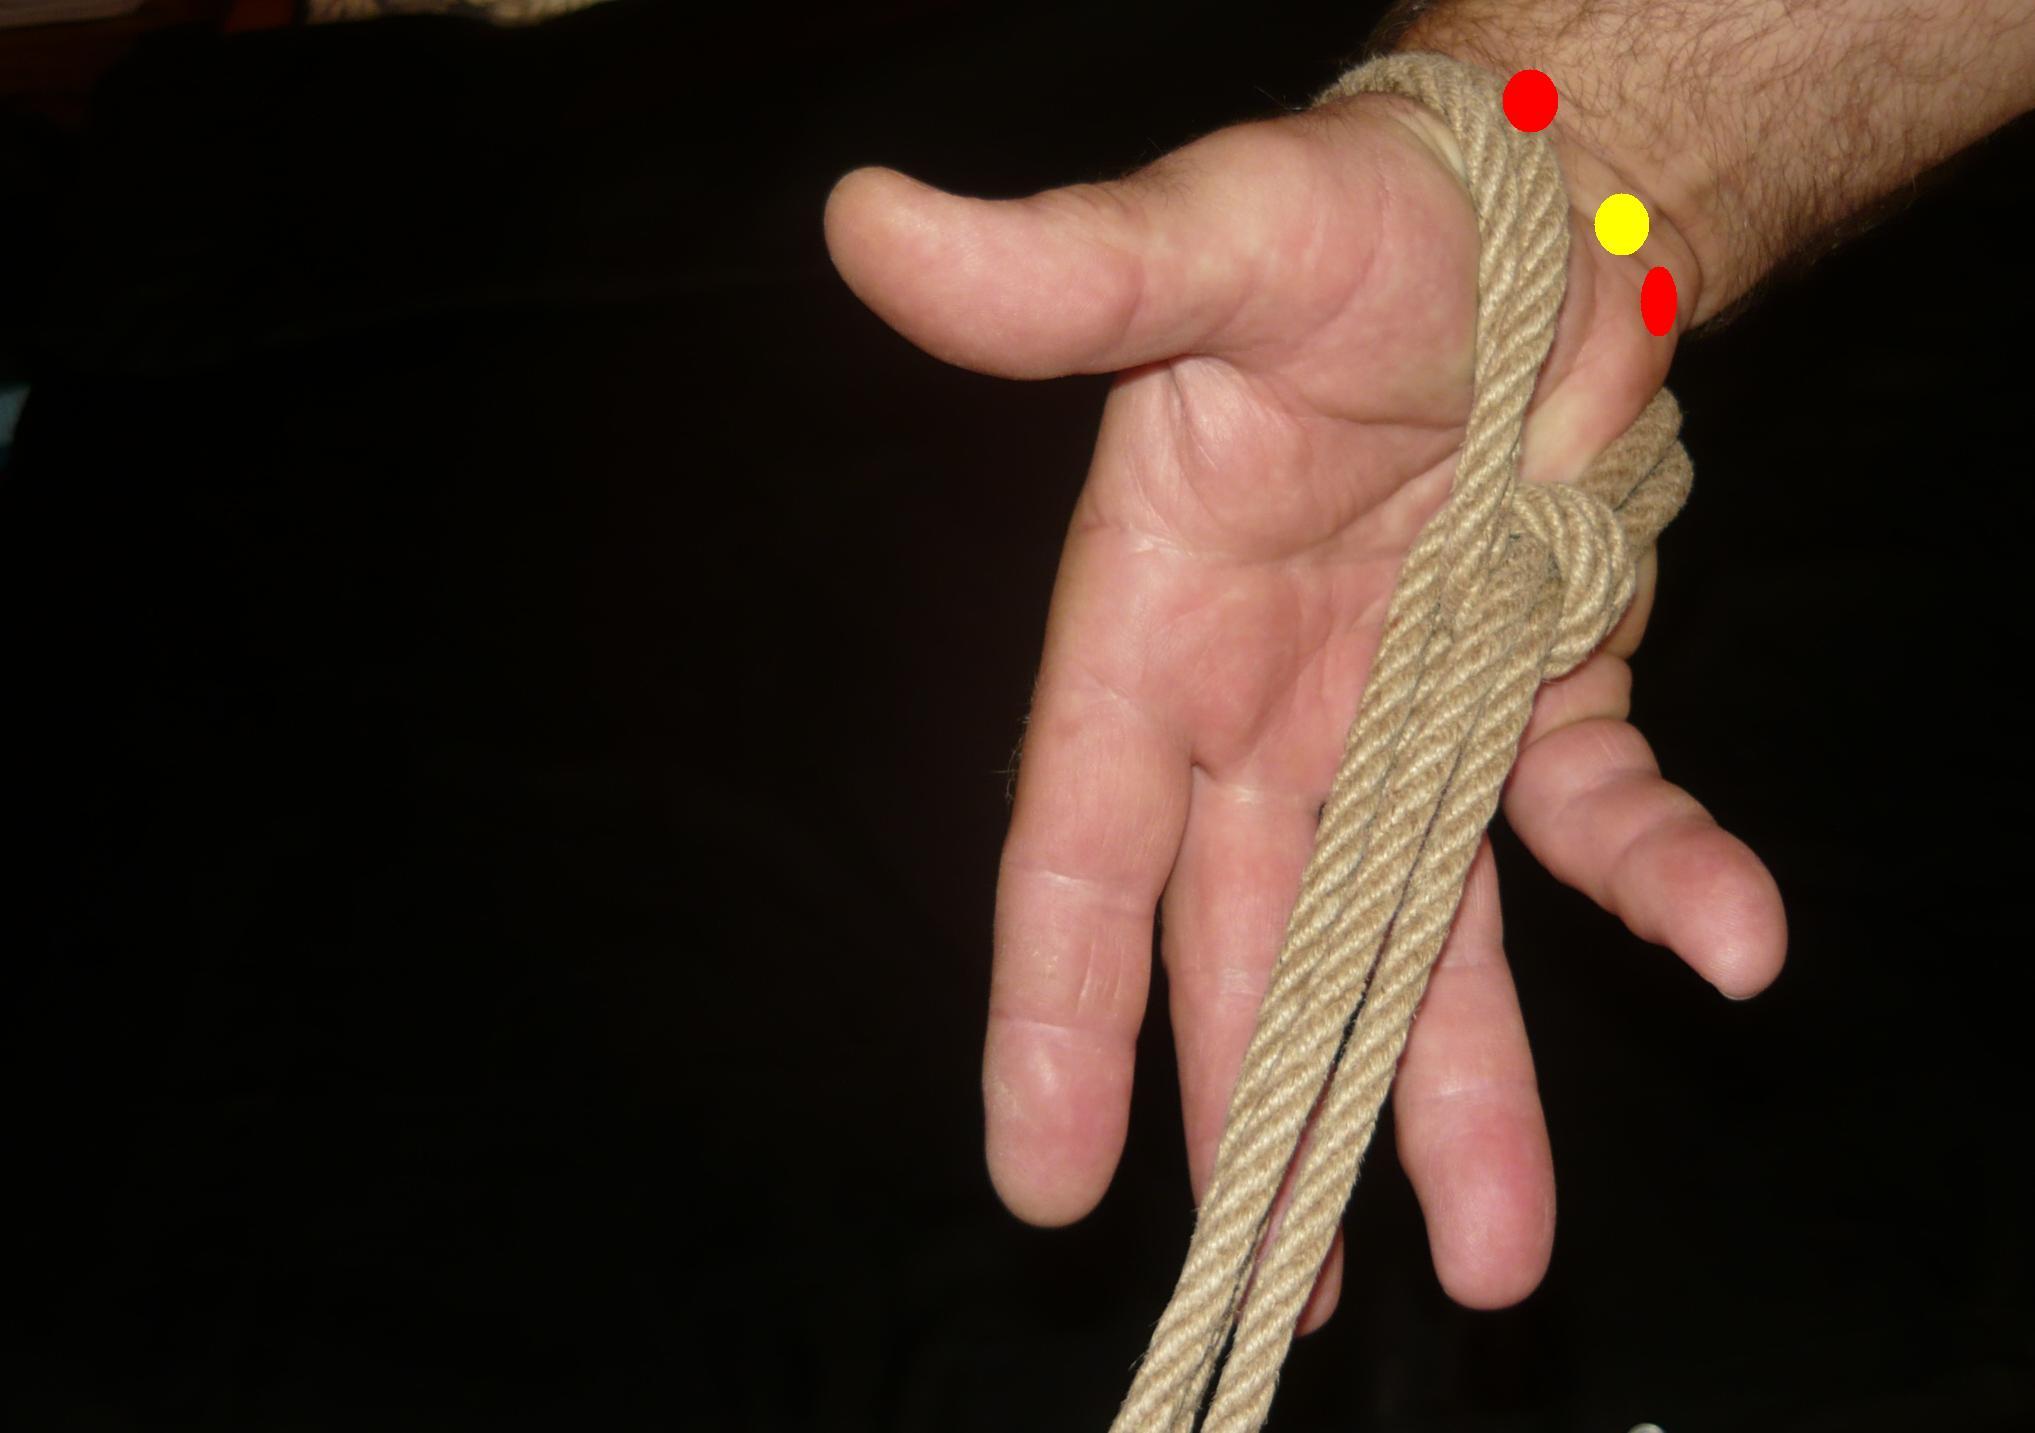 7.3 lina na dłoni z dołu